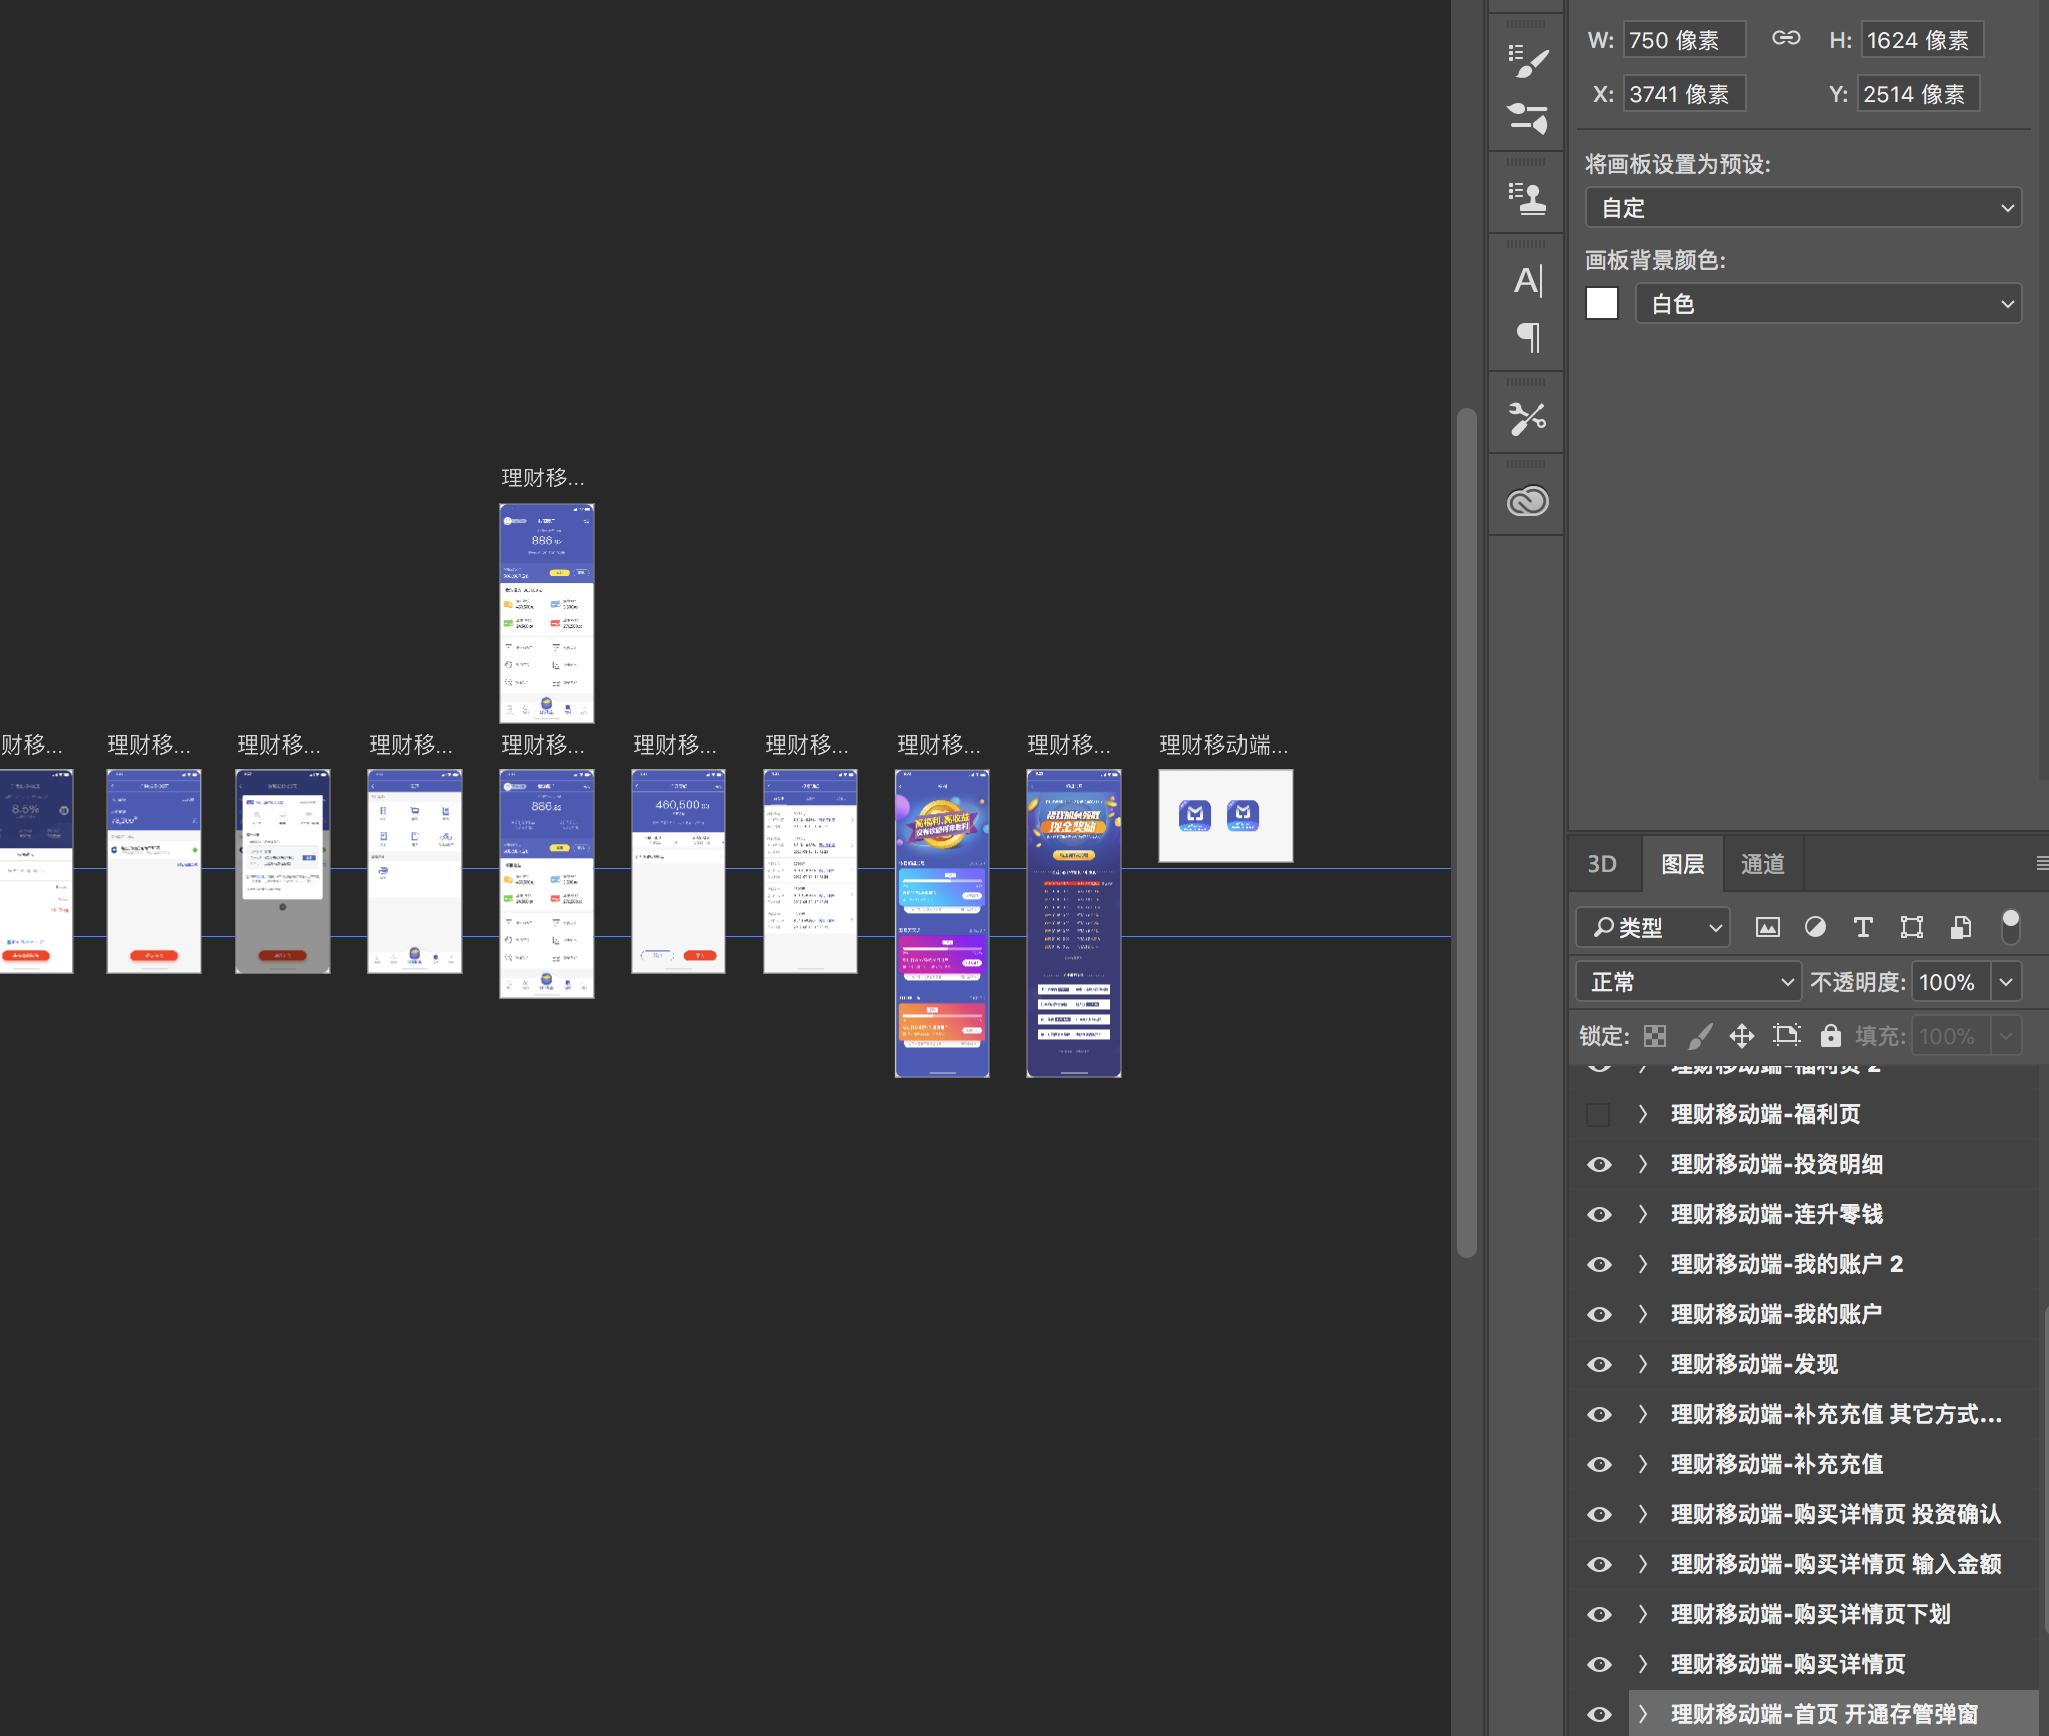 【升级版】2.0联连理财 iPhone X展示效果图设计+APP界面UI源文件(模板)